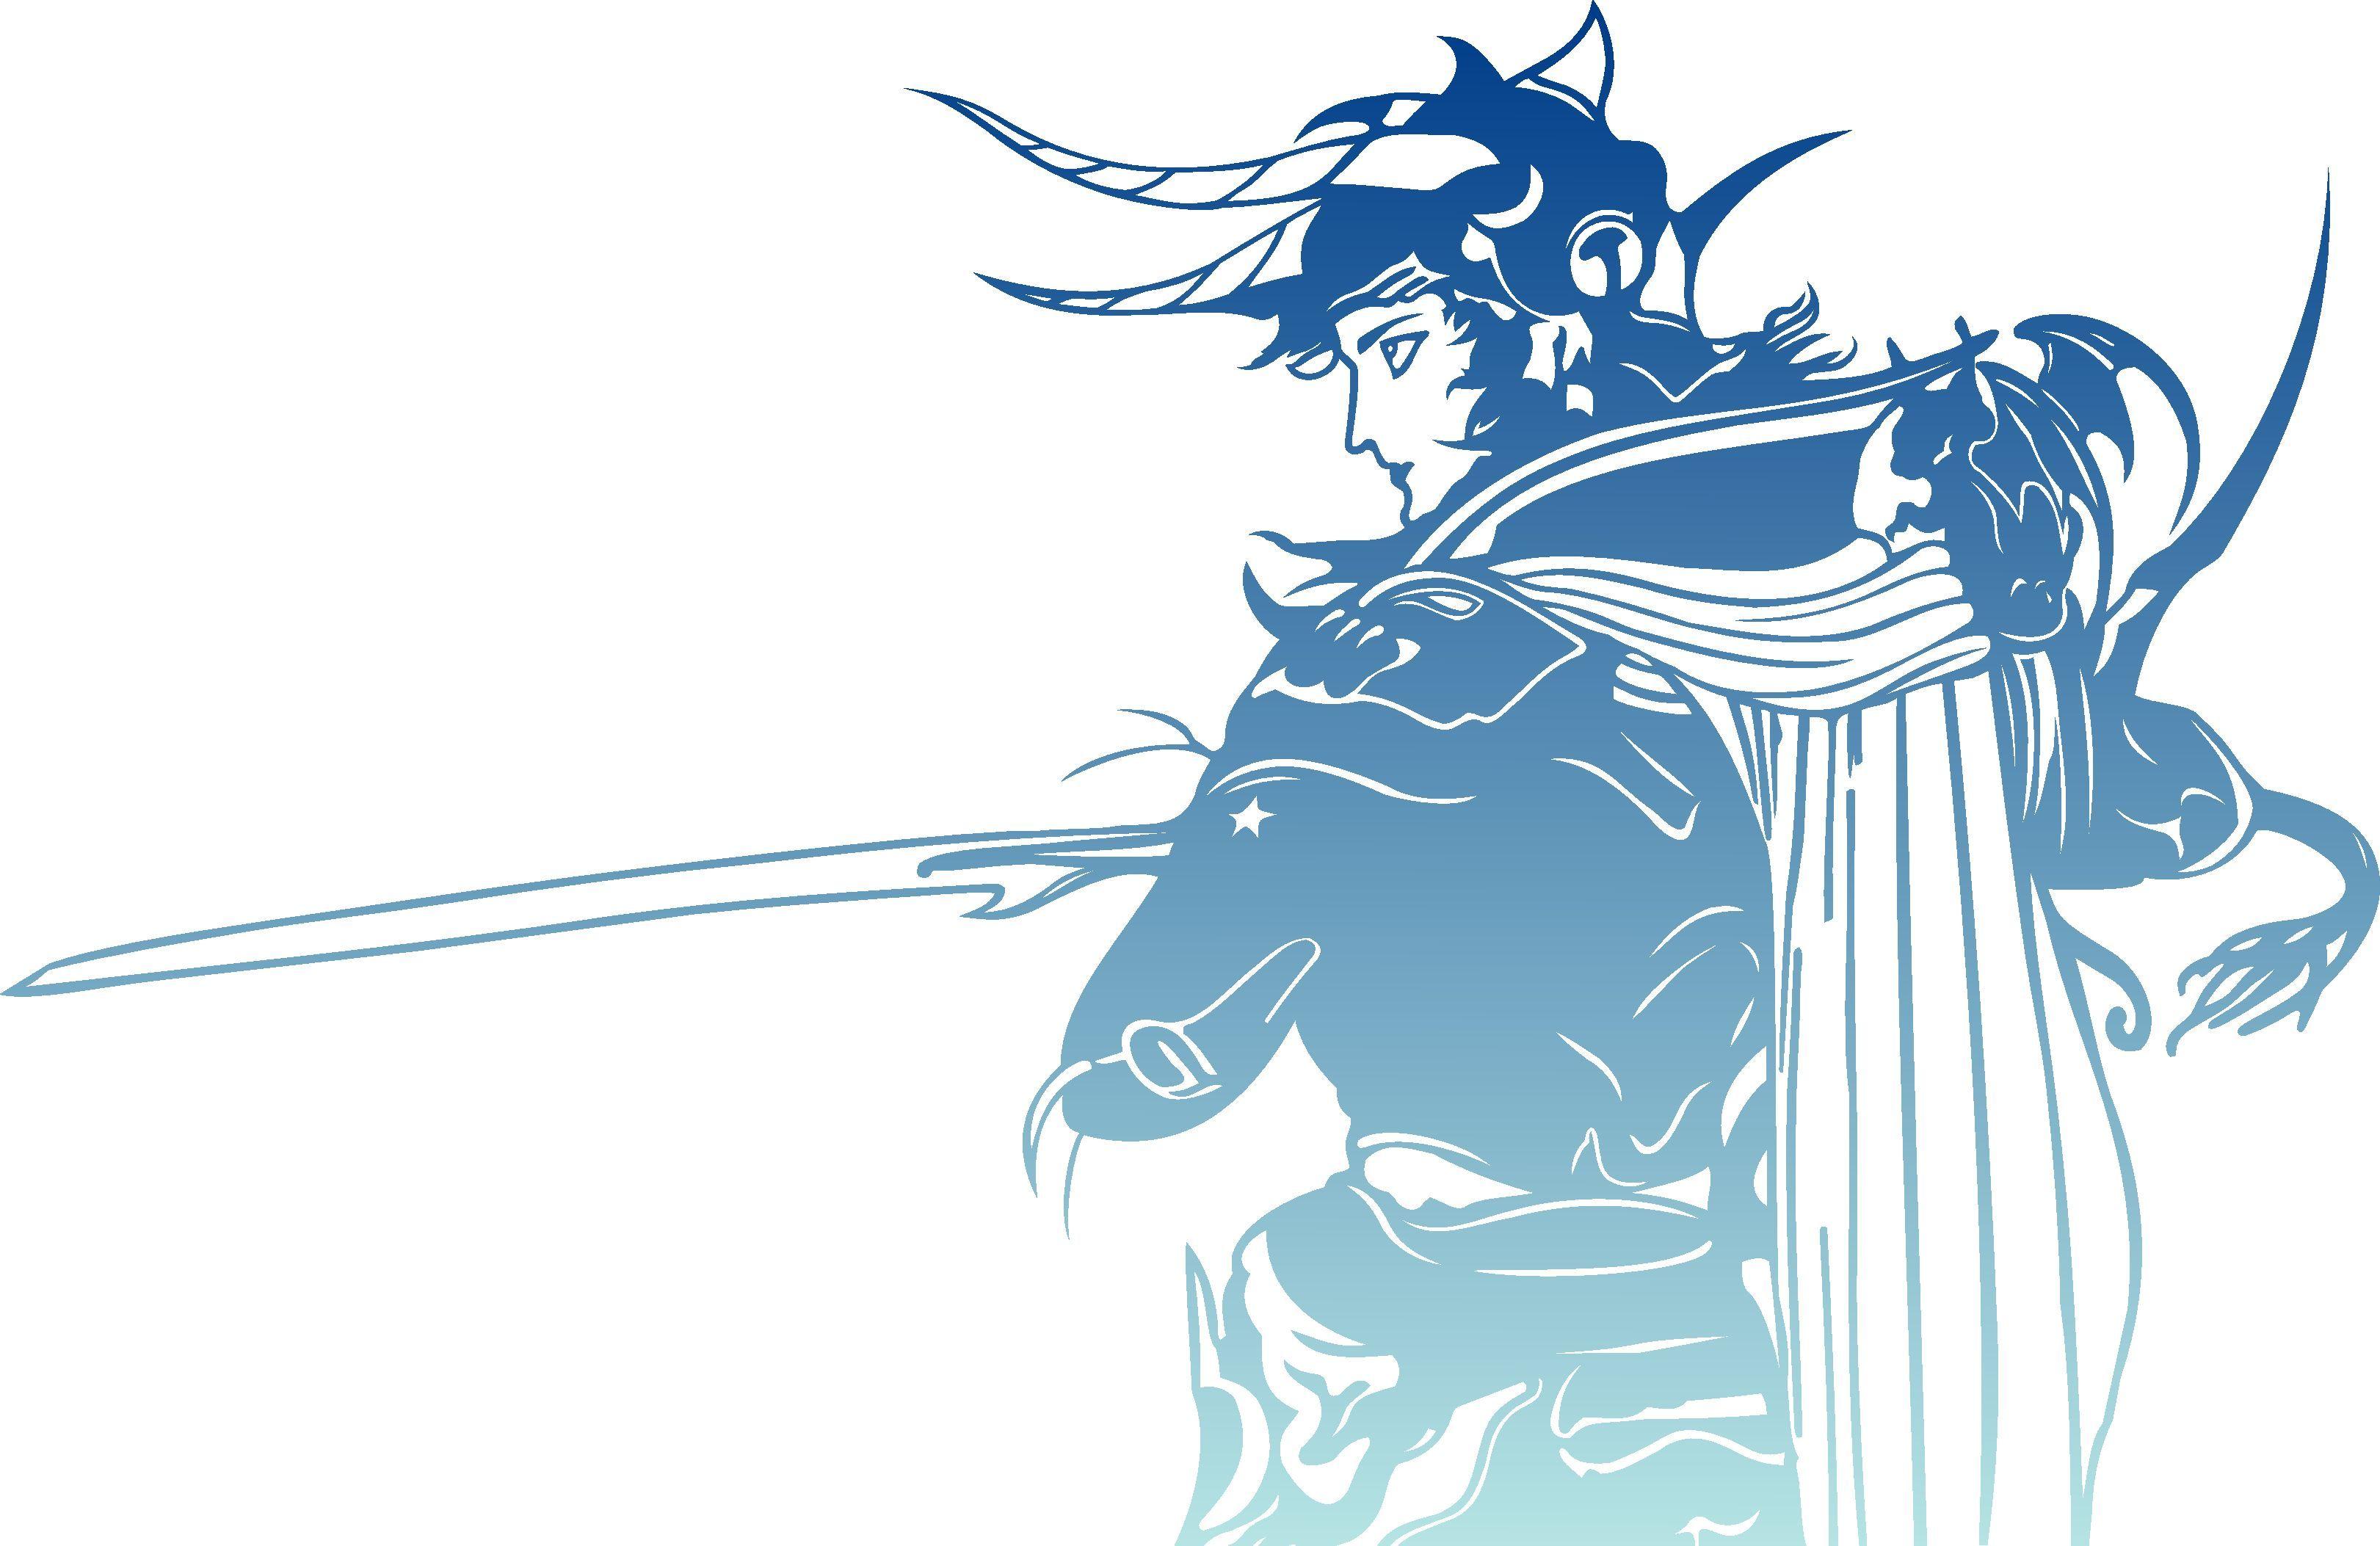 Ahora empieza lo bonito... ¿Cómo se llama el personaje principal de Final Fantasy I?